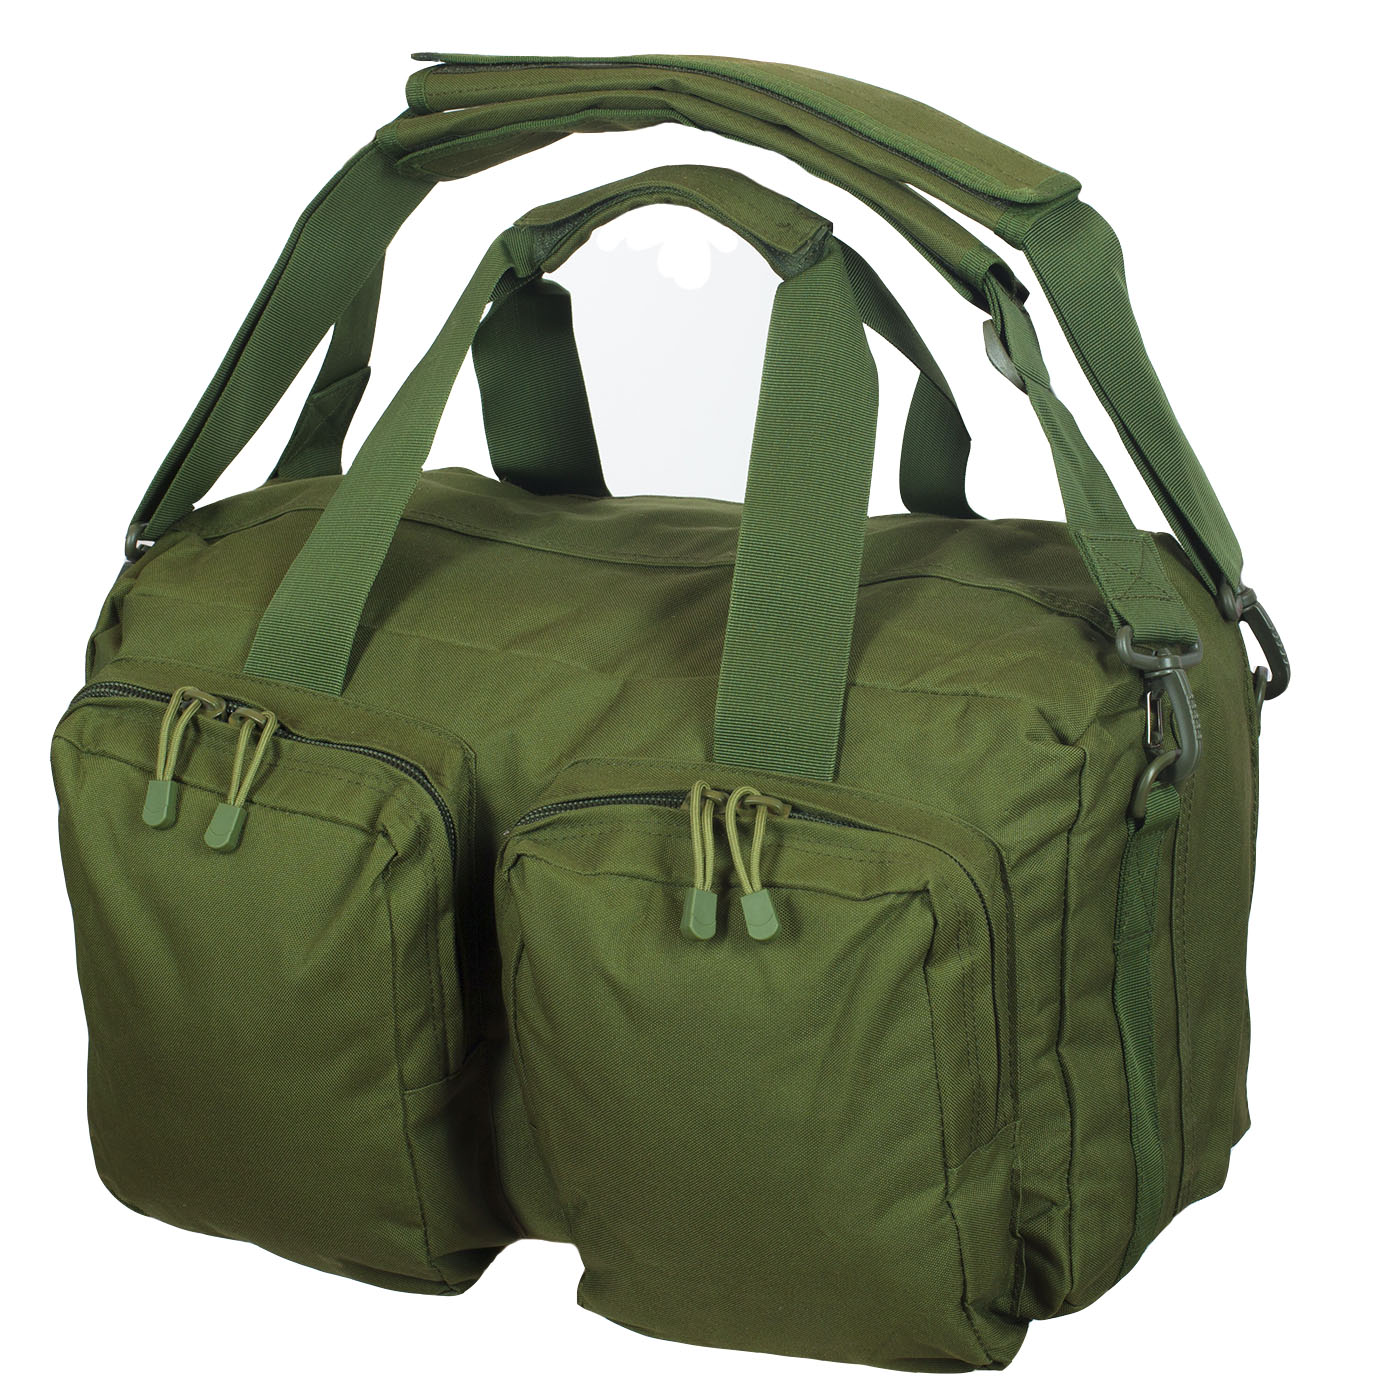 Заплечная тактическая сумка-рюкзак ДПС